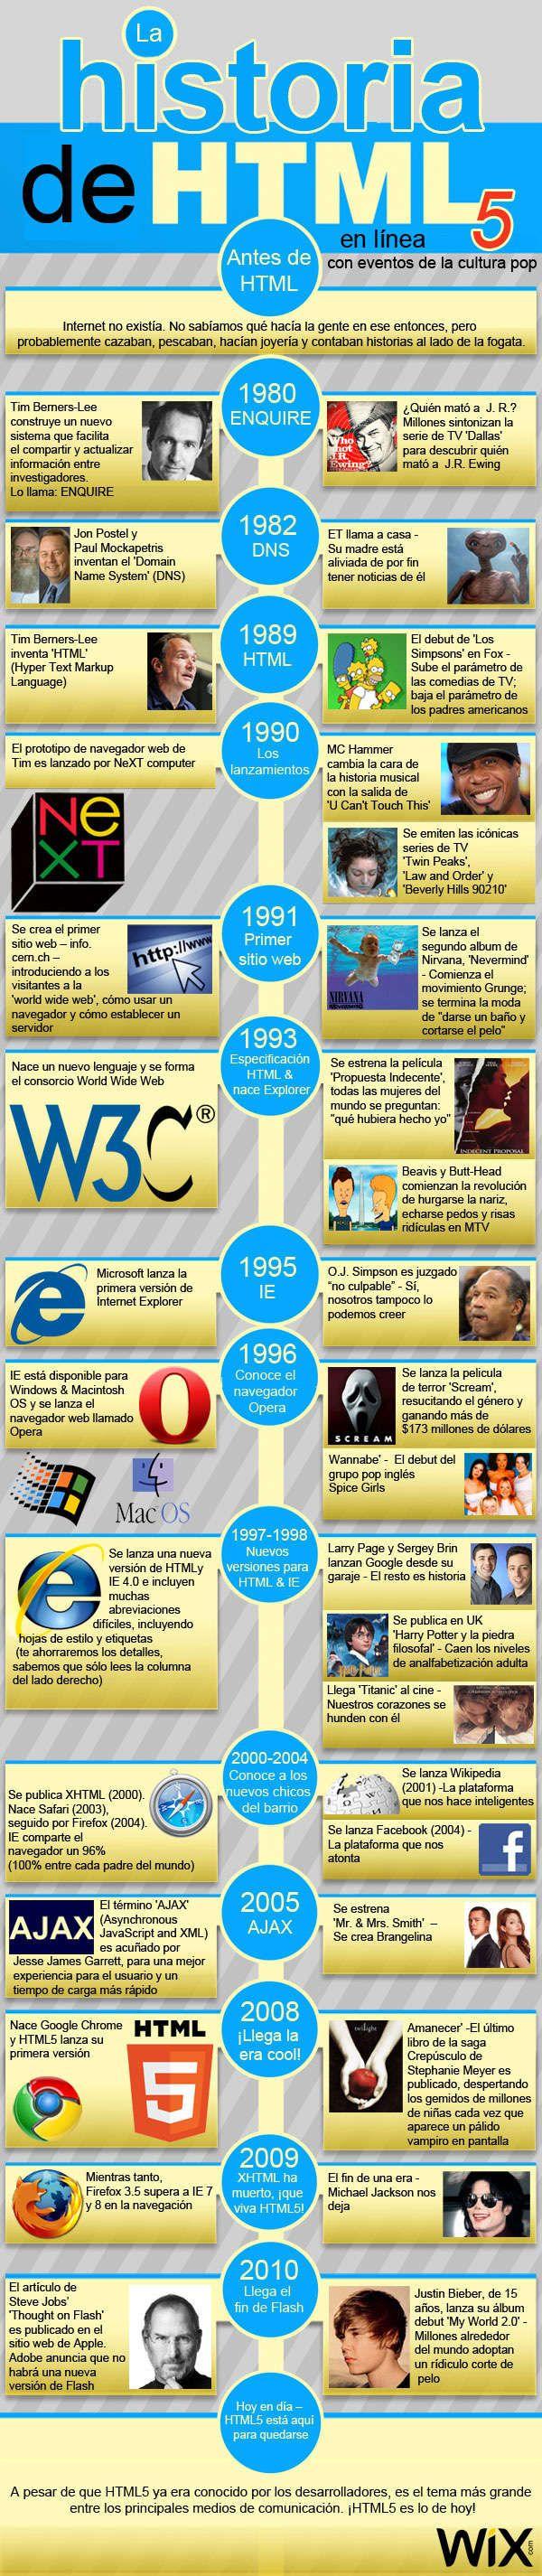 La historia de HTML5 en una infografía